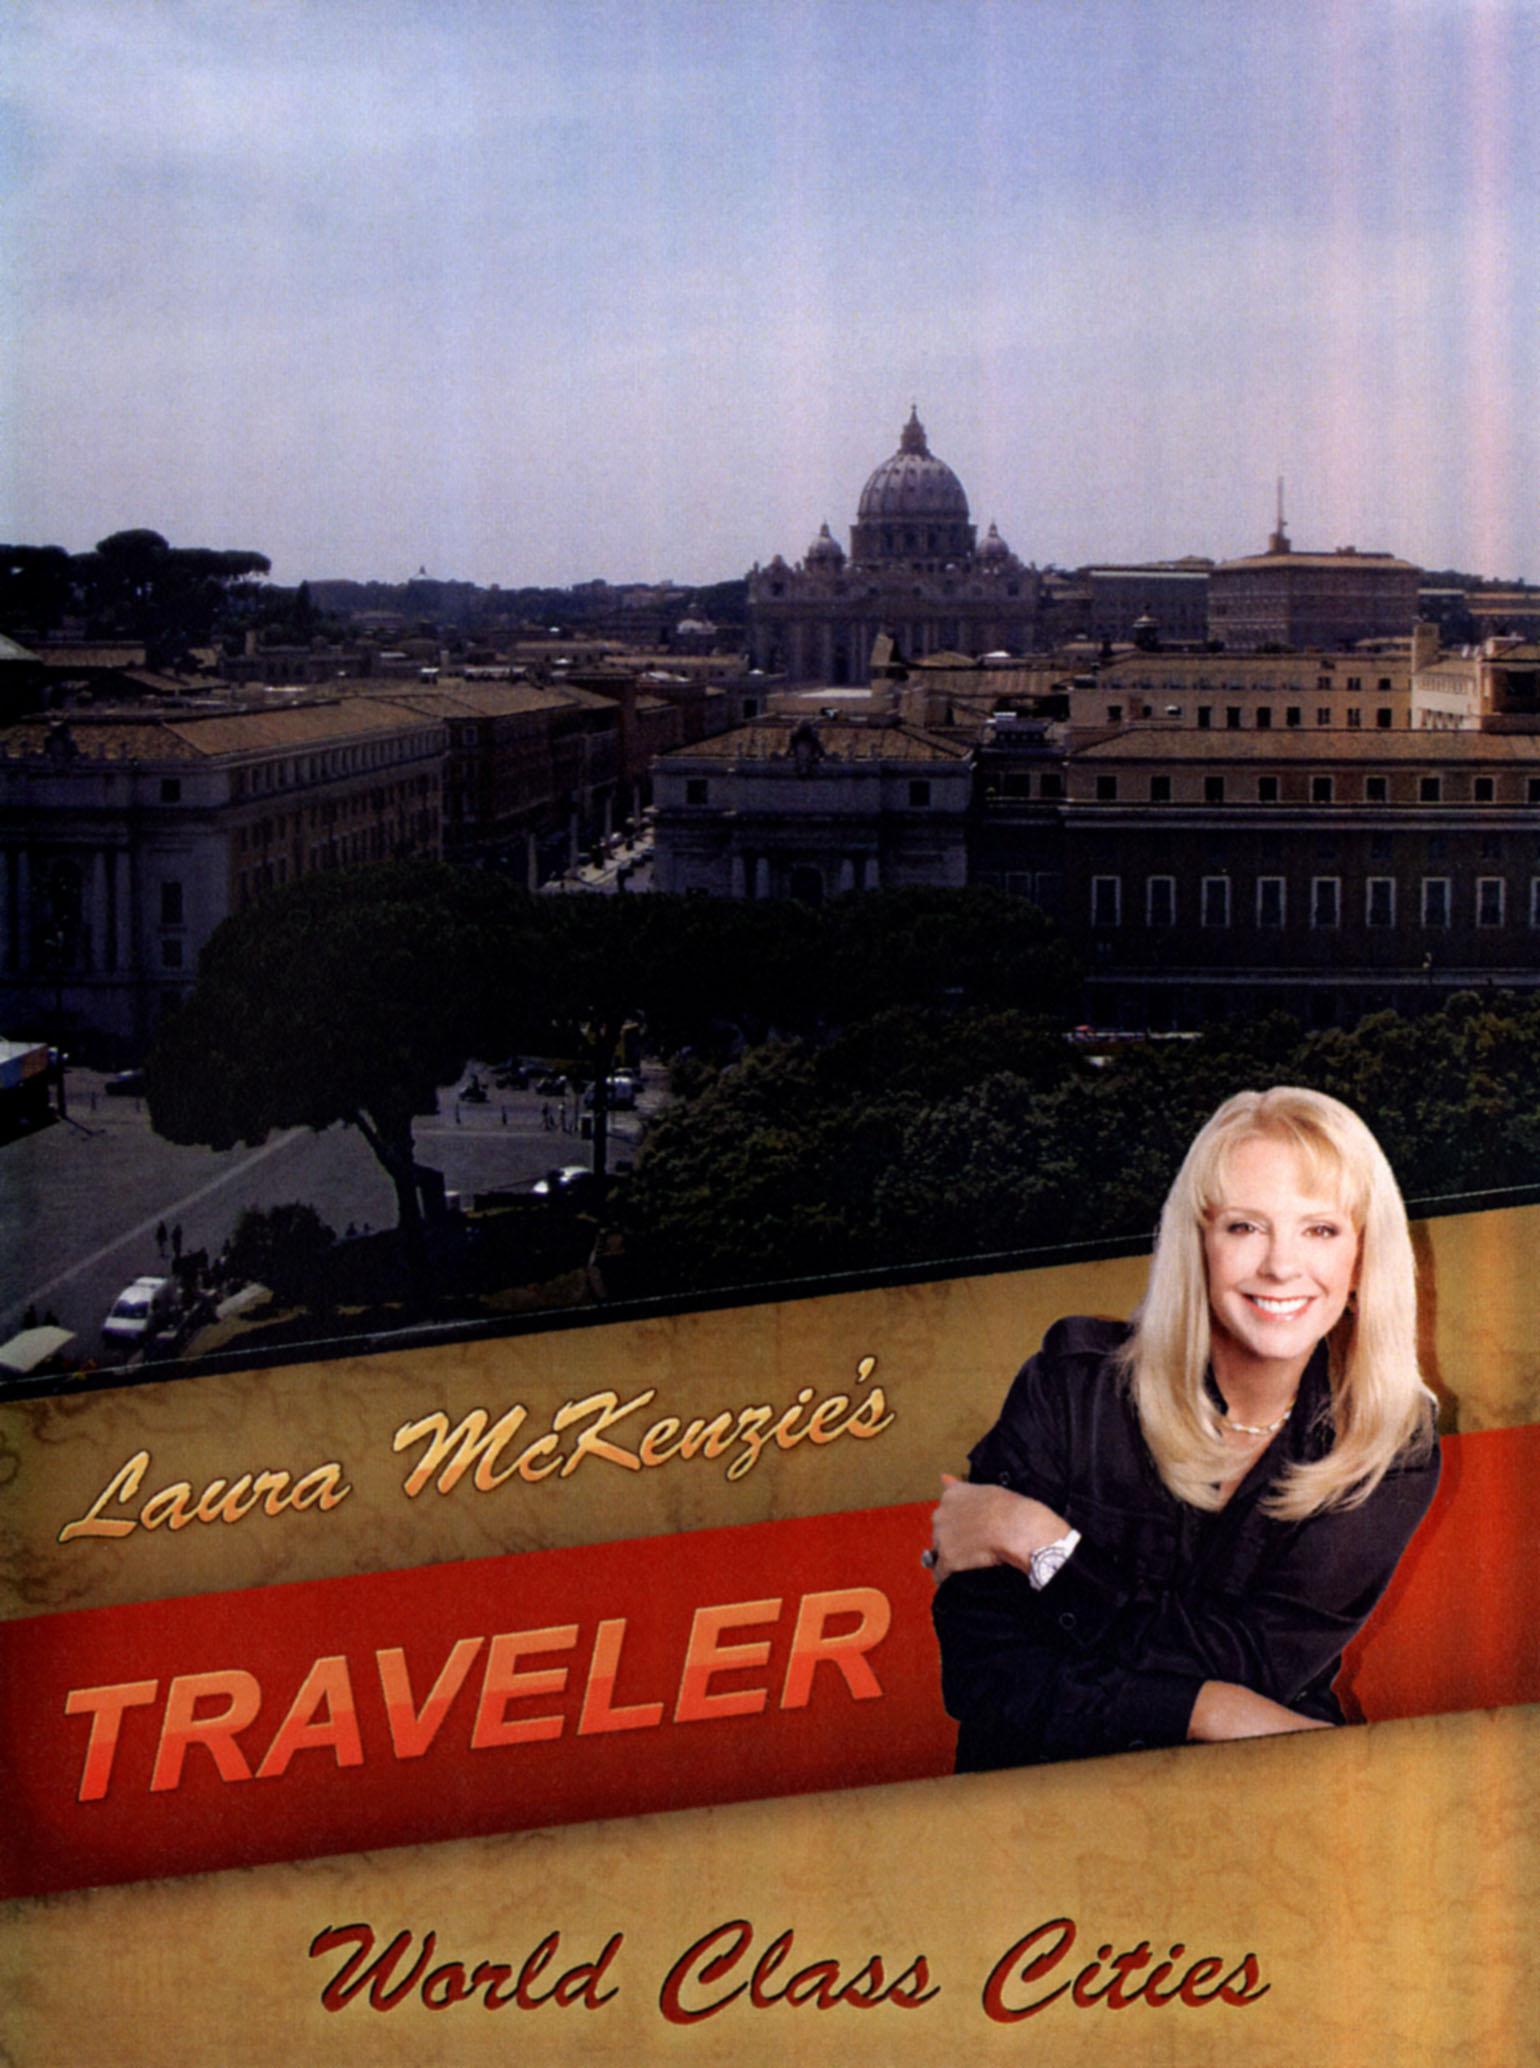 Laura McKenzie's Traveler: World Class Cities